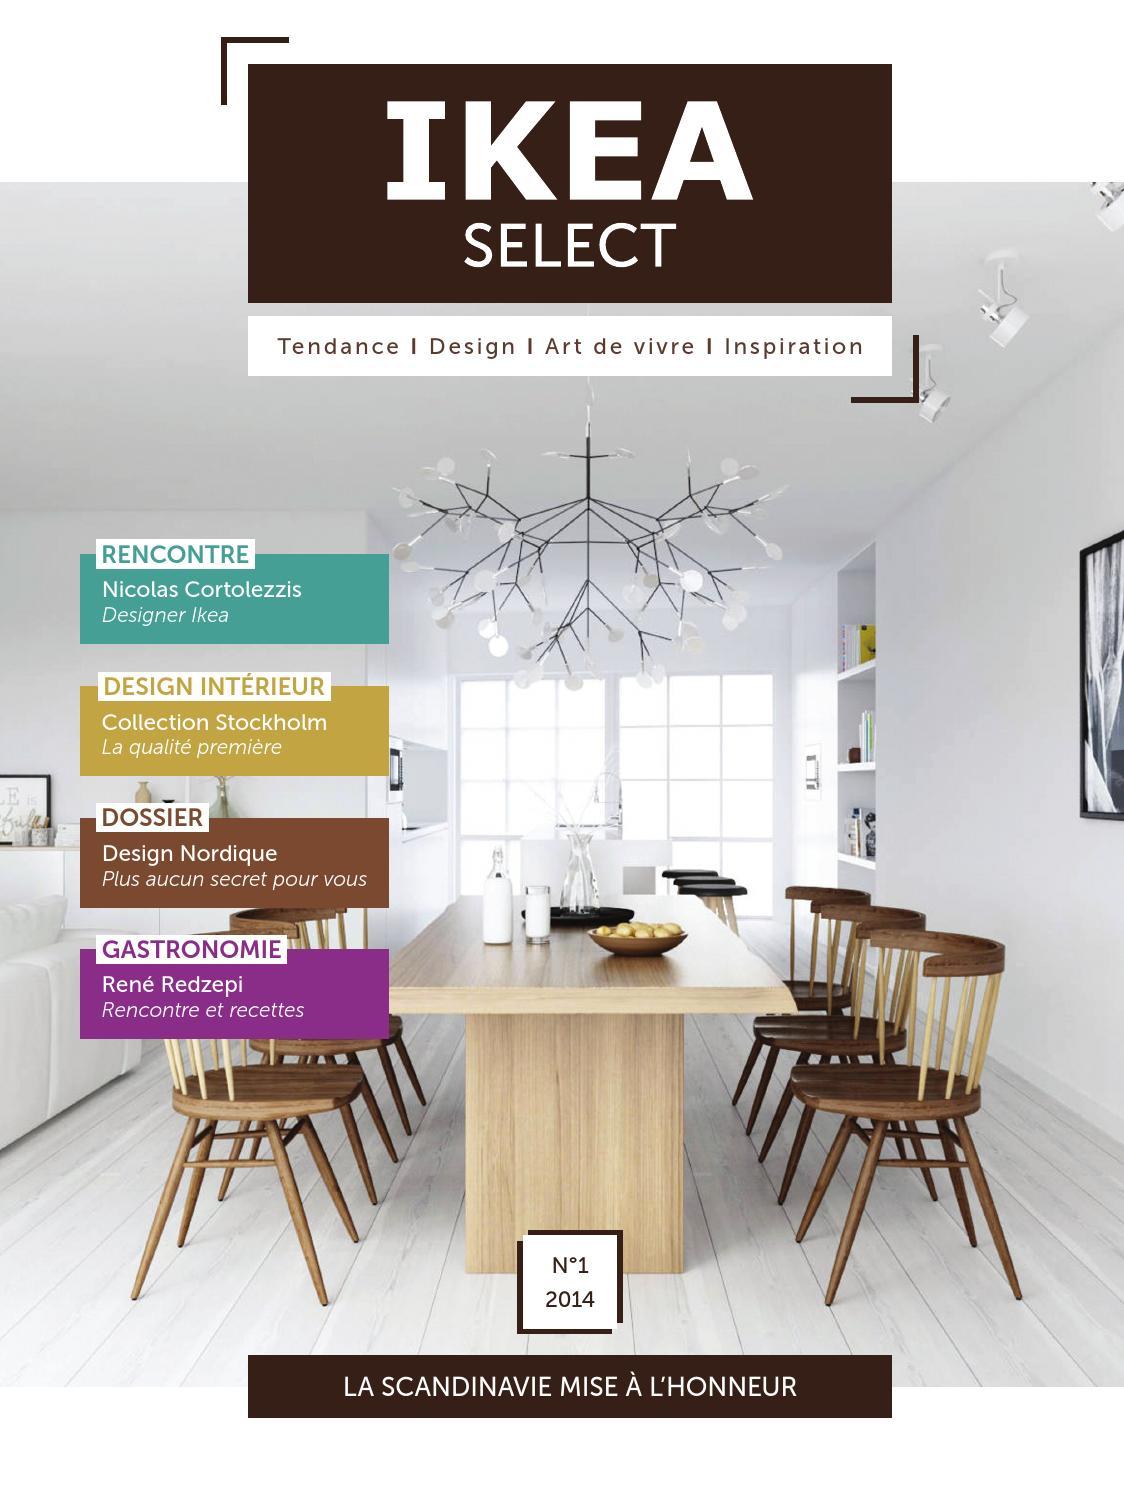 Peau De Mouton Grise Ikea ikea select magazinecarolane pernice - issuu